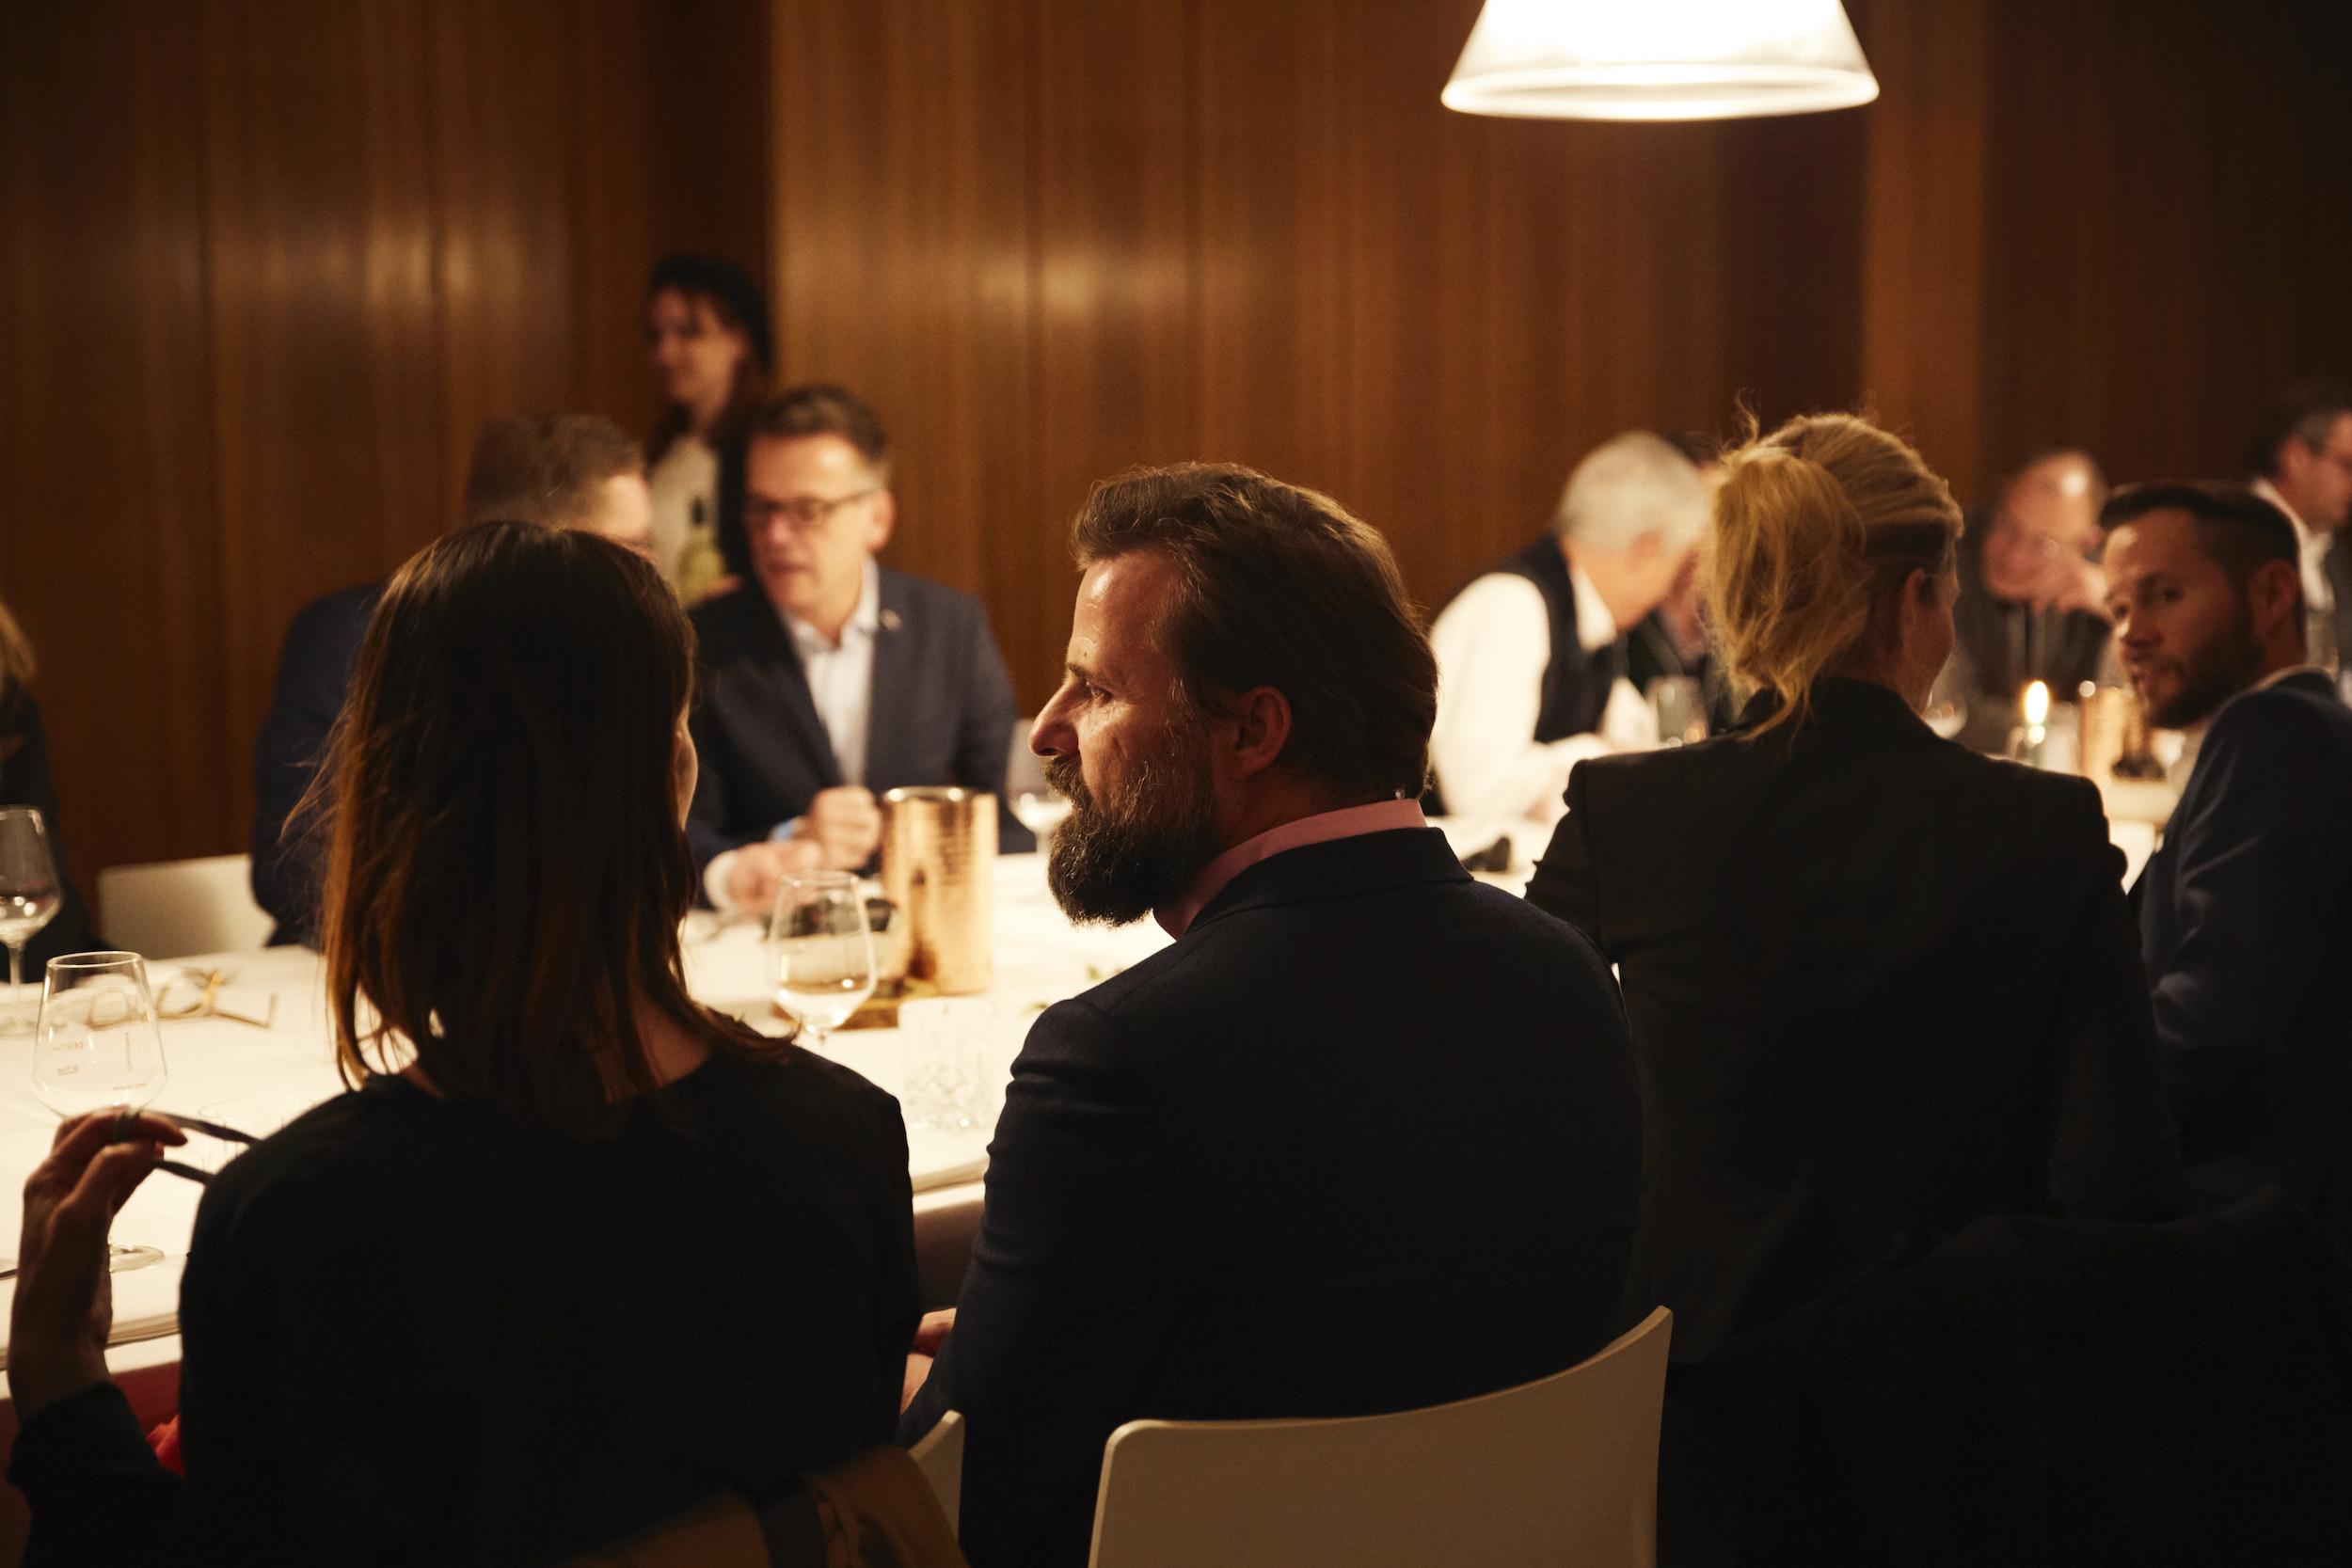 Dinner, Architecture Matters Konferenz 2019 in der Alten Akademie München